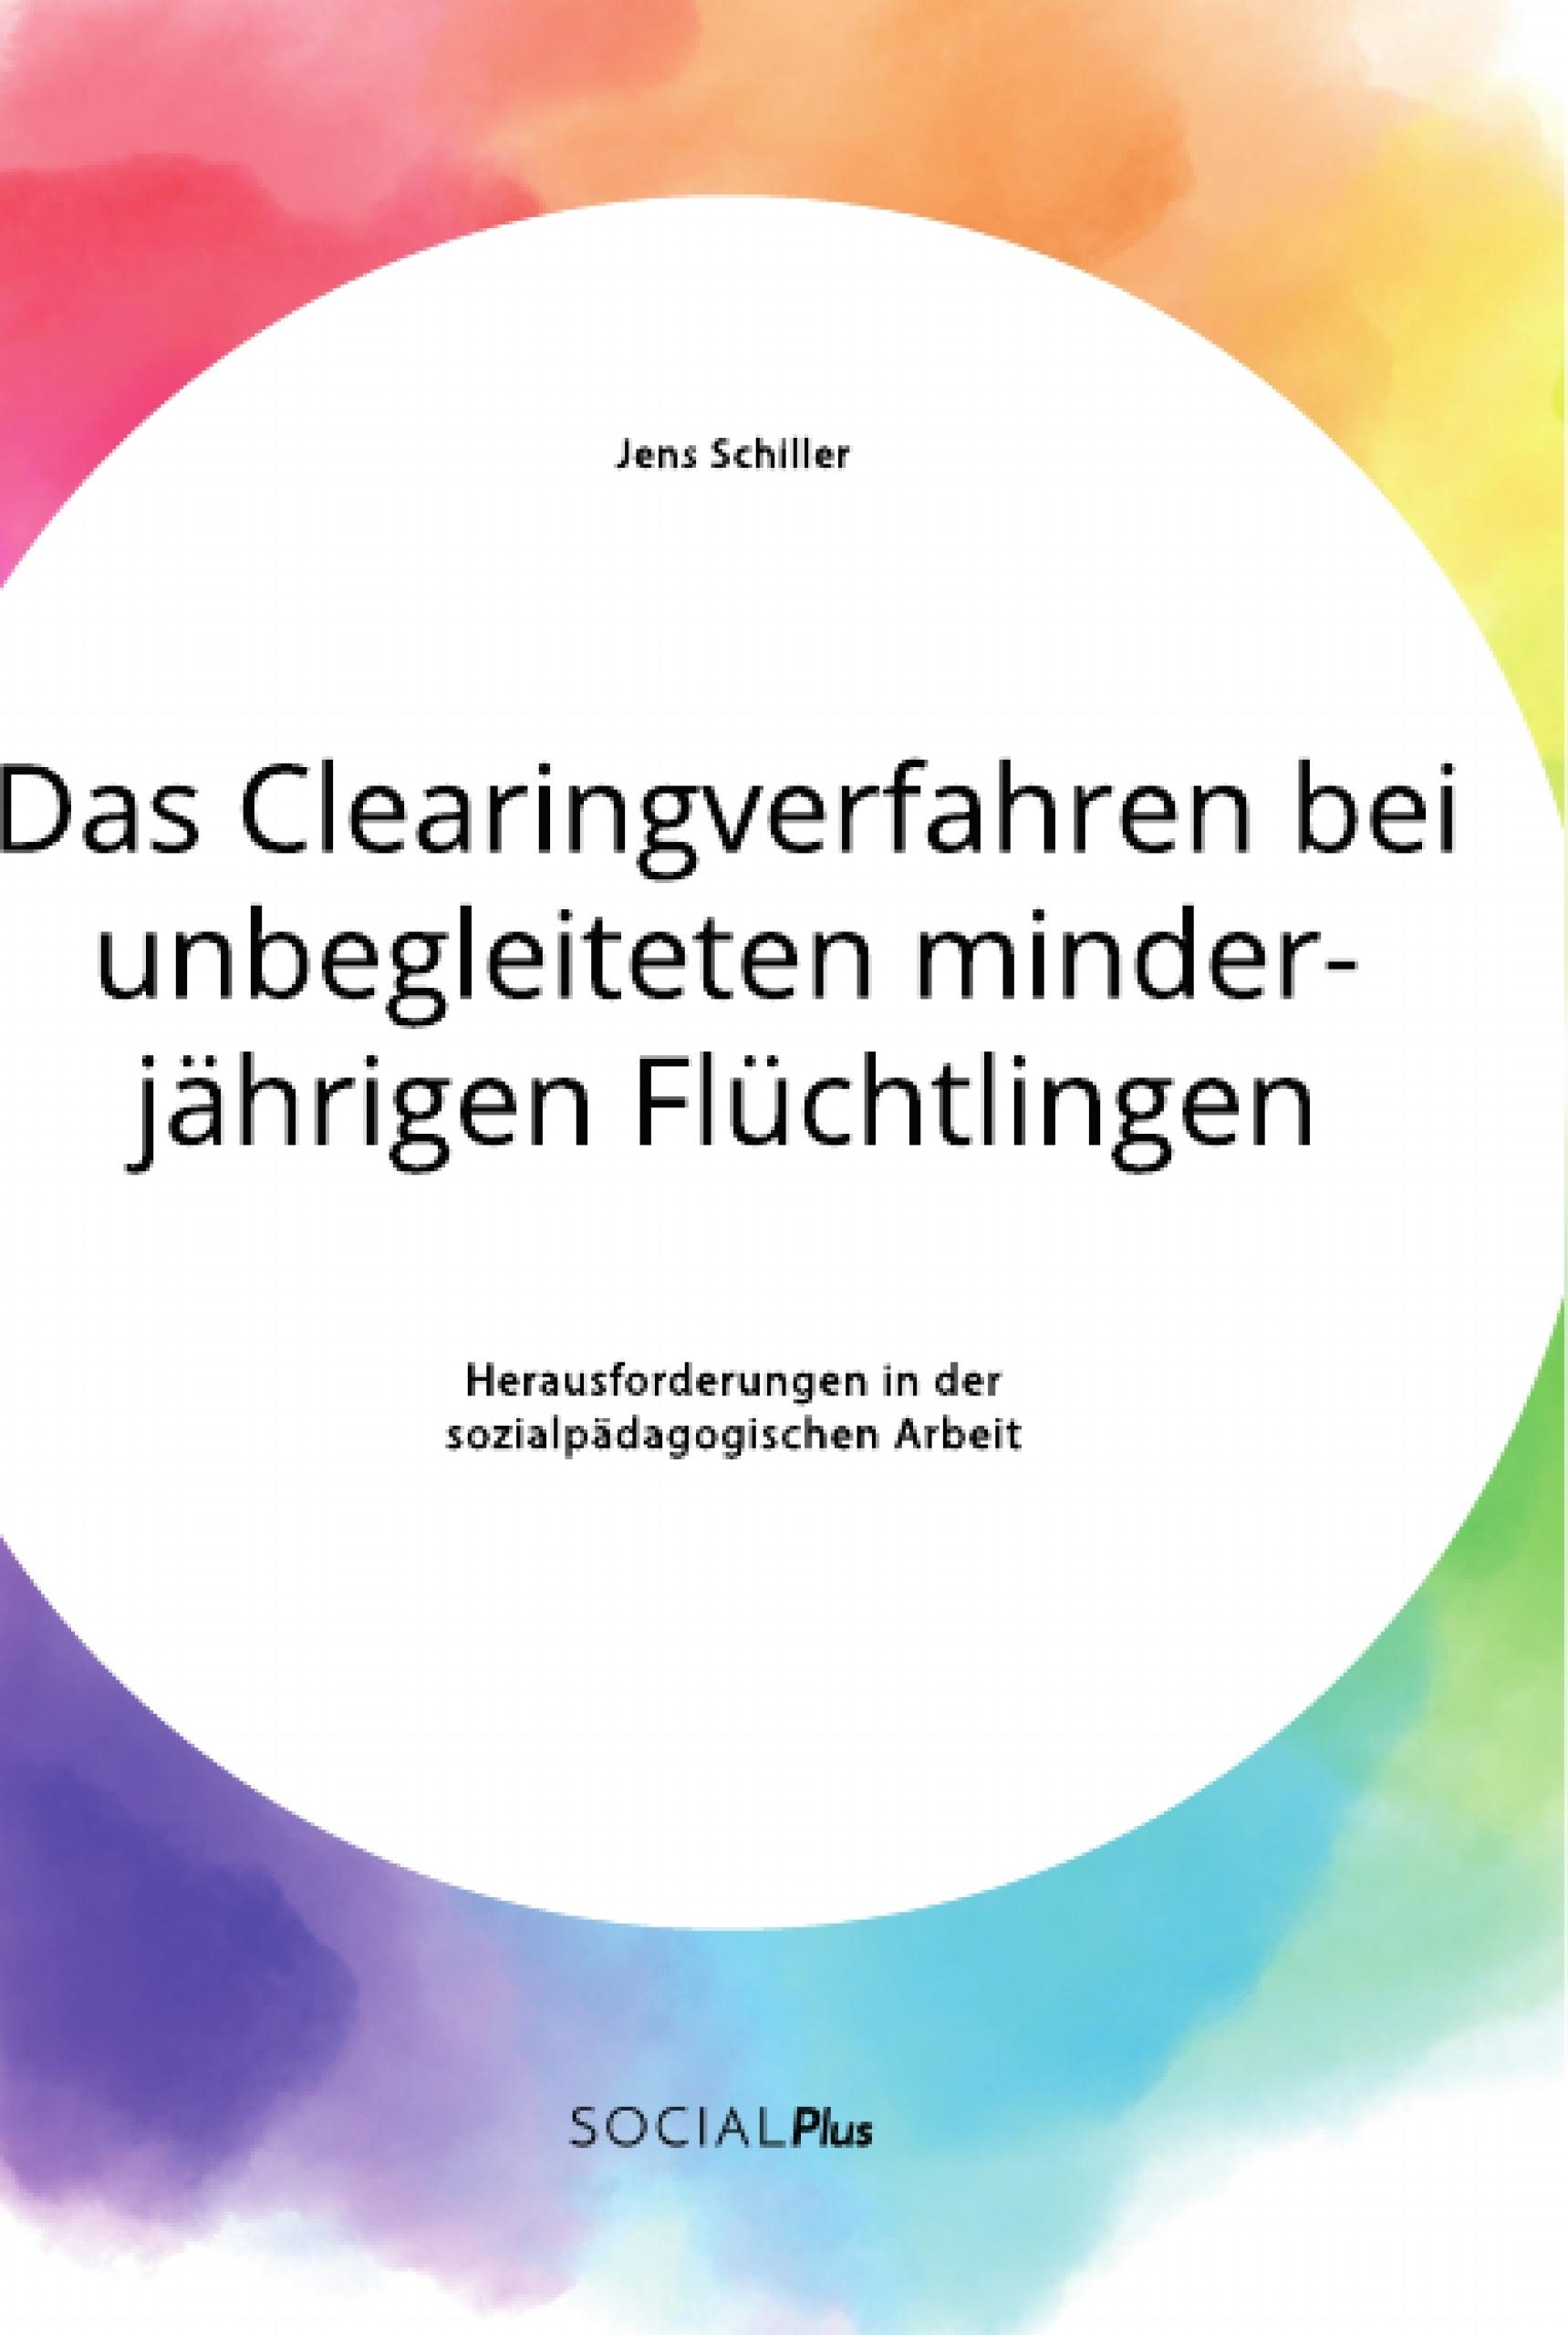 Titel: Das Clearingverfahren bei unbegleiteten minderjährigen Flüchtlingen. Herausforderungen in der sozialpädagogischen Arbeit